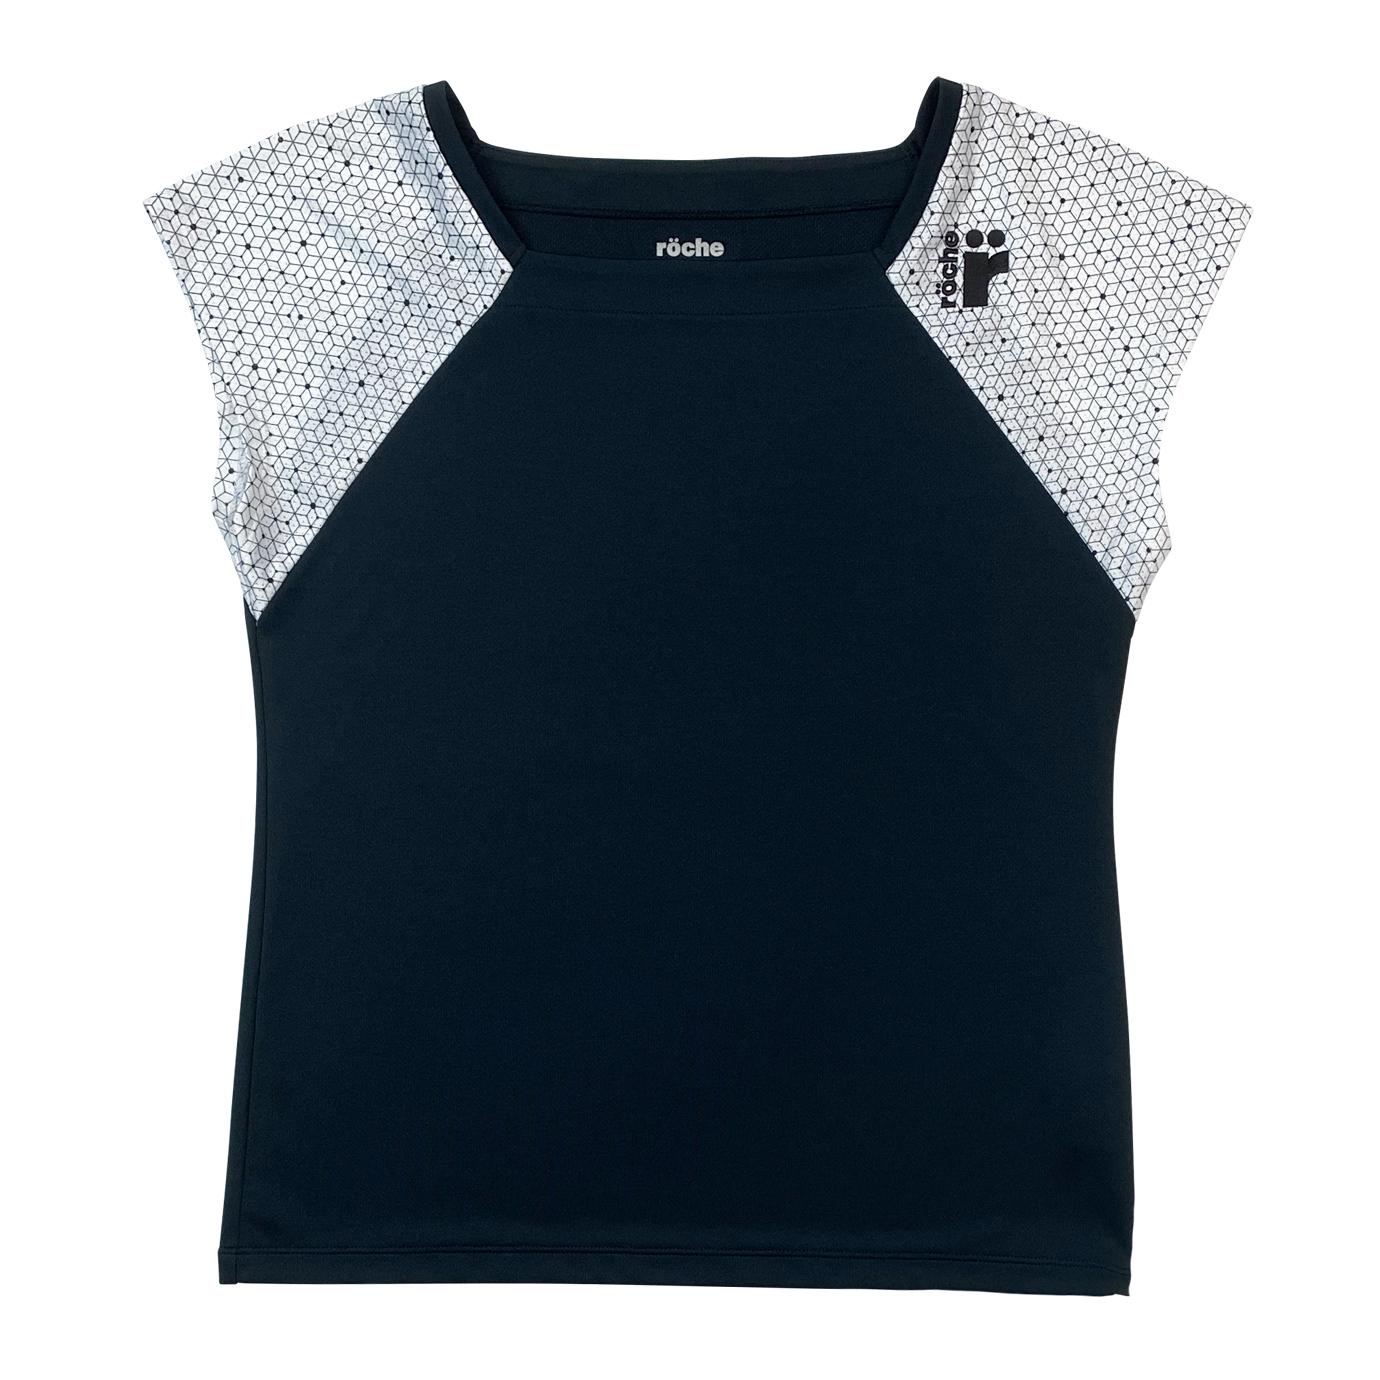 レディースゲームシャツ【RD301】